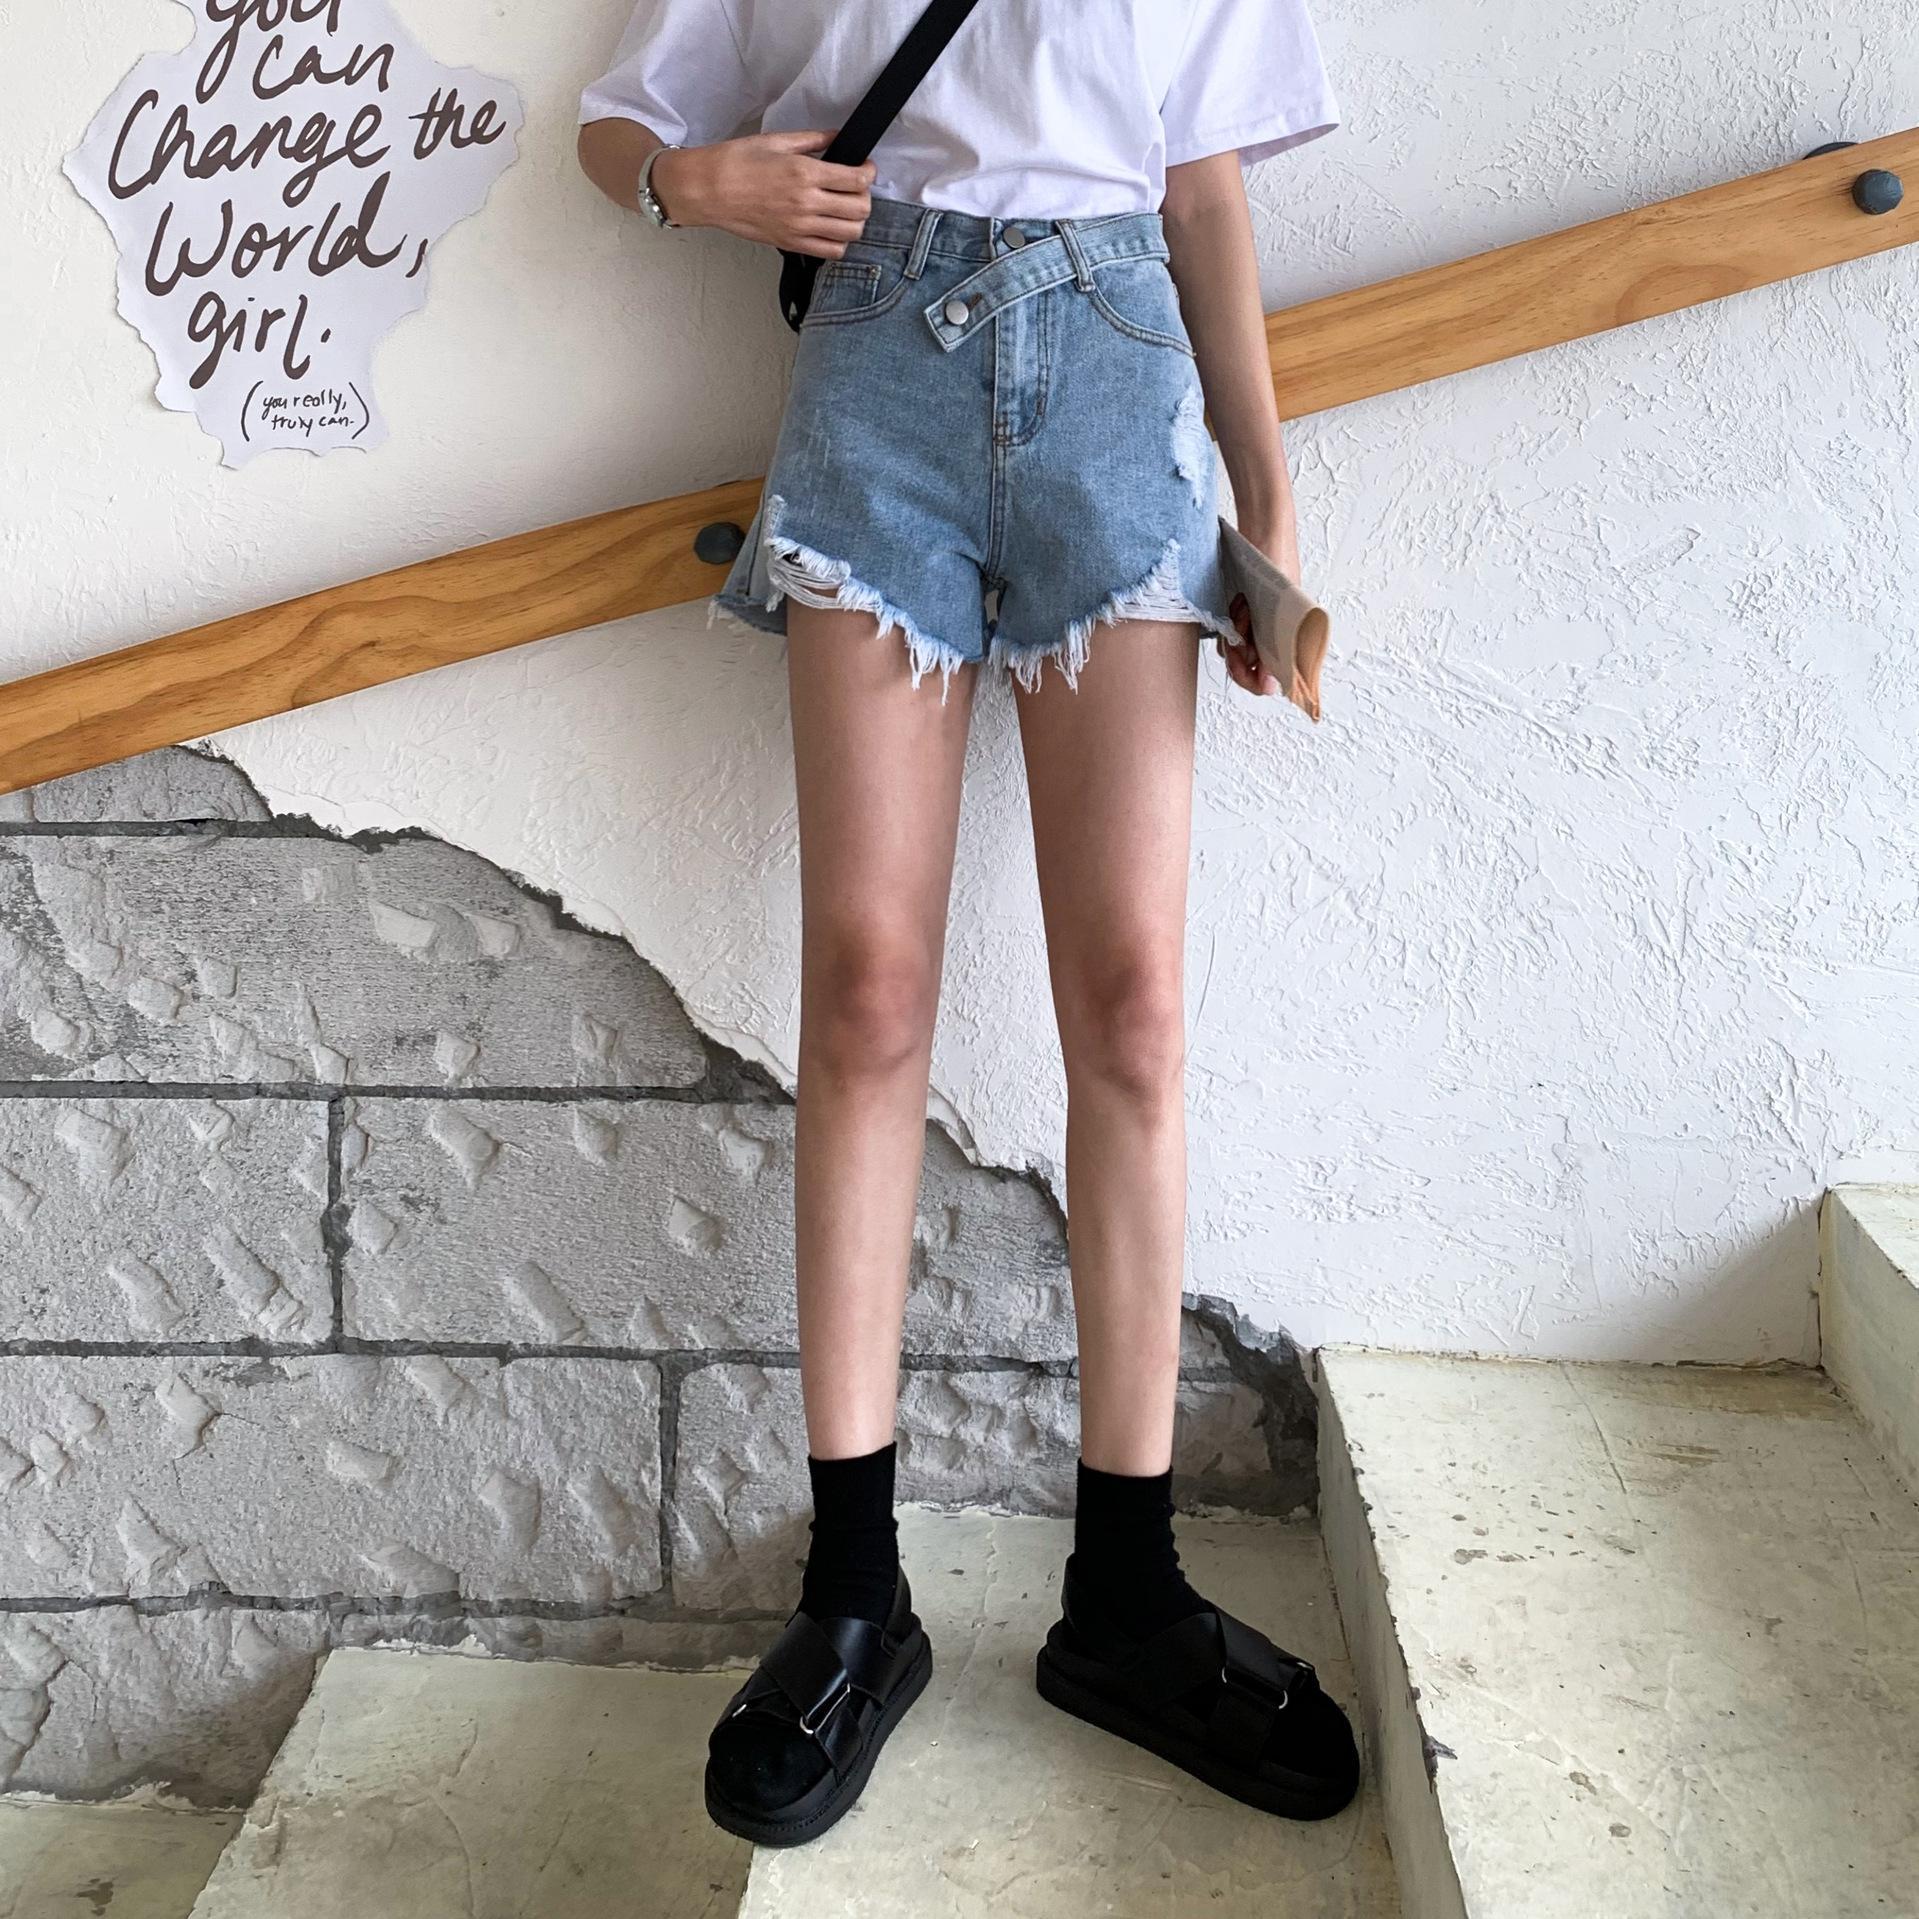 2020 nova grande tamanho shorts jeans irmã de gordura das mulheres Shorts New cintura alta pantshot quente calças calças buracos